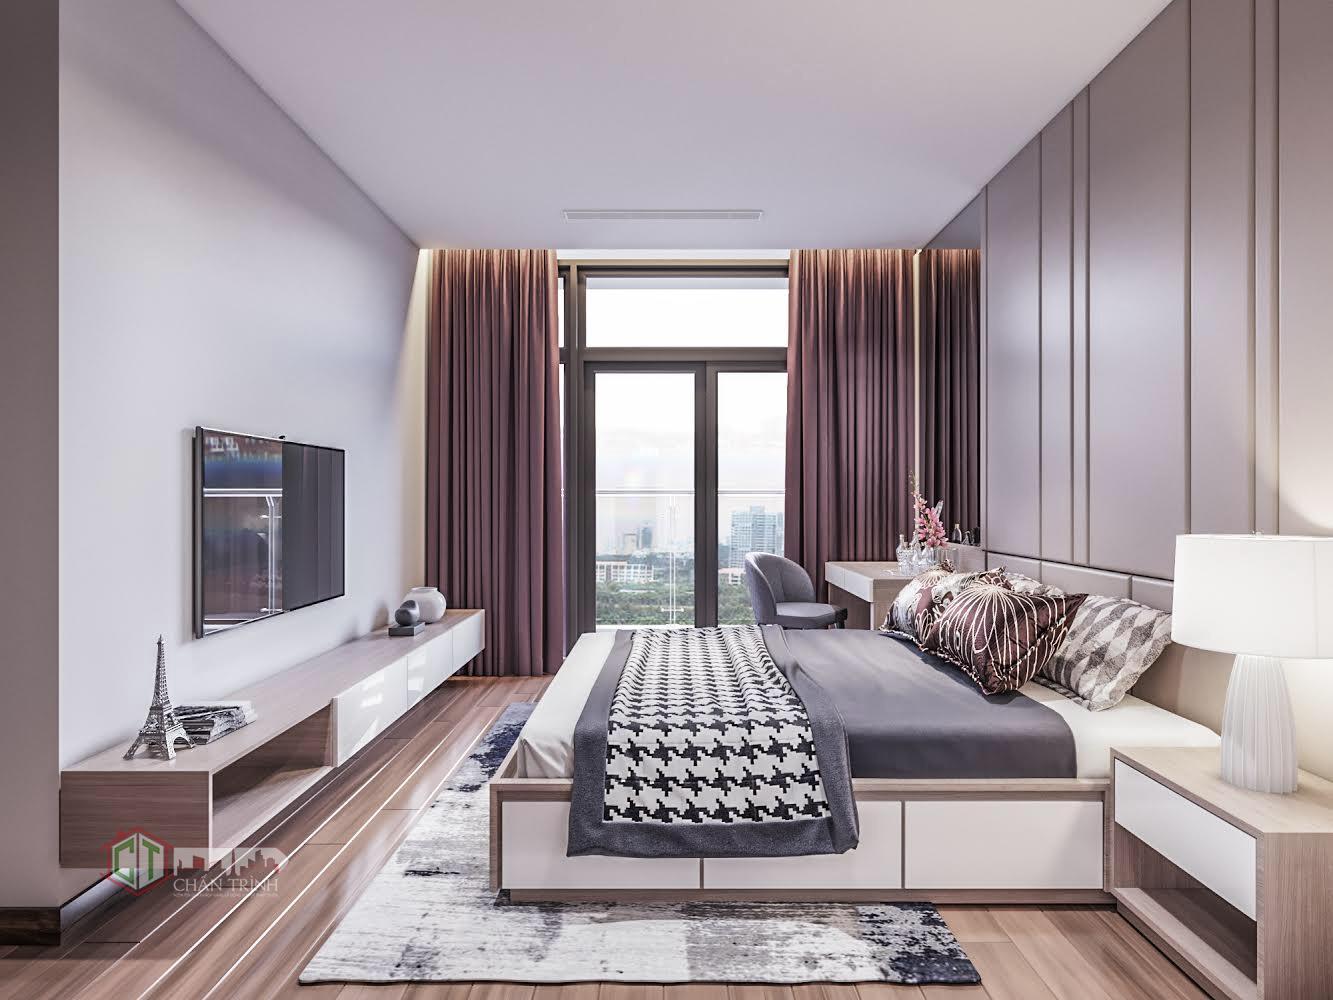 Hình ảnh căn hộ Vinhomes Central Park - Phòng Master có ban công riêng